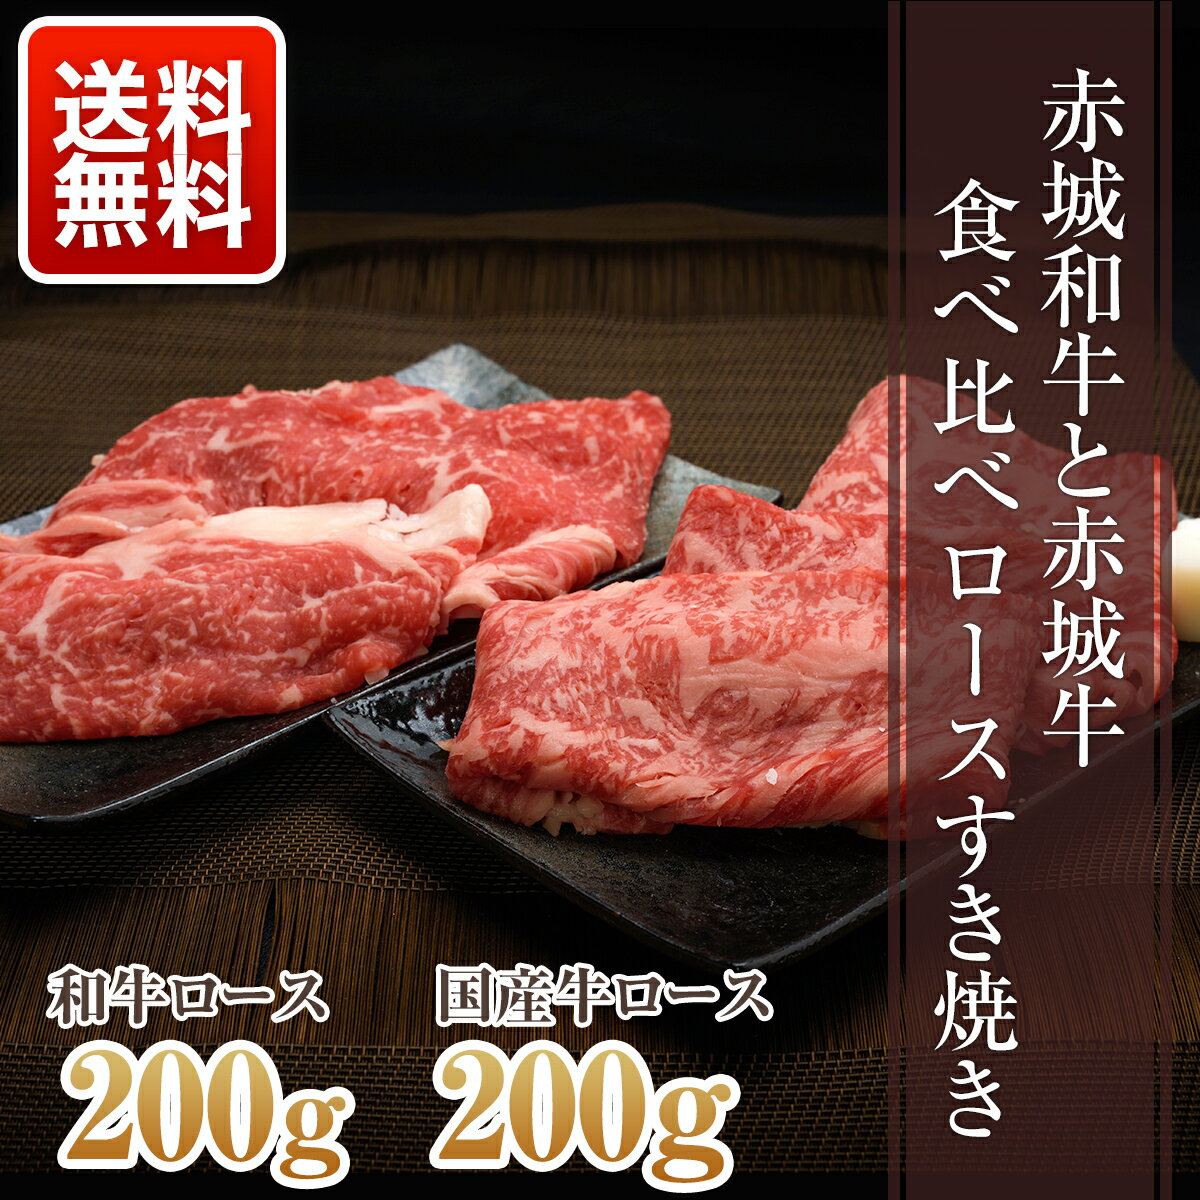 【数量限定・送料無料】赤城和牛ロースすき焼き